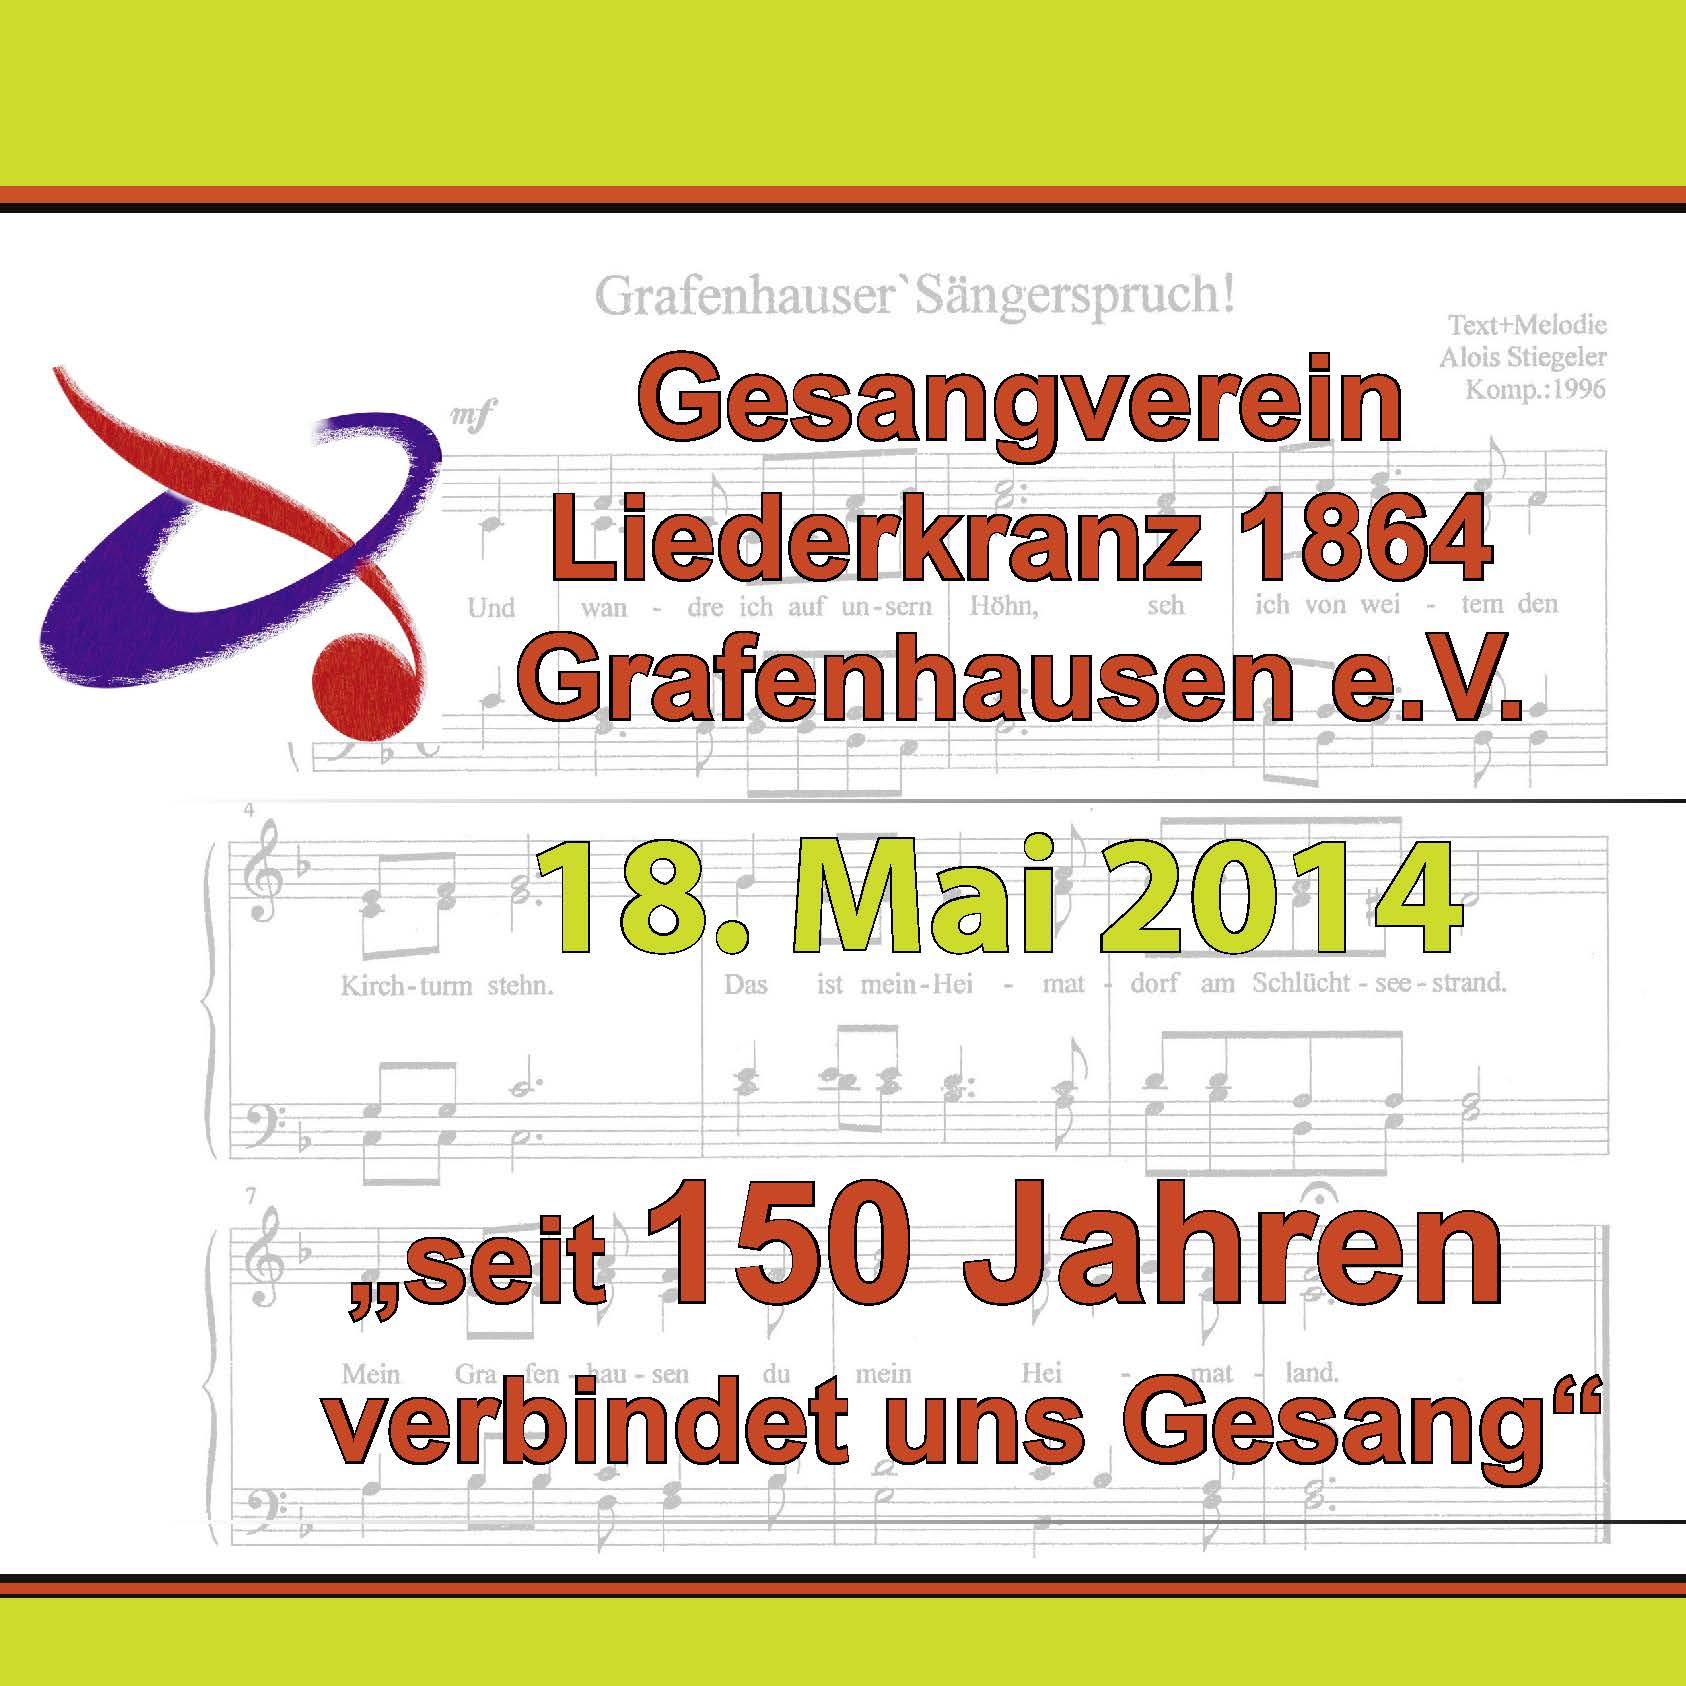 Broschüre Gesangverein Liederkranz 1864 Grafenhausen e.V.